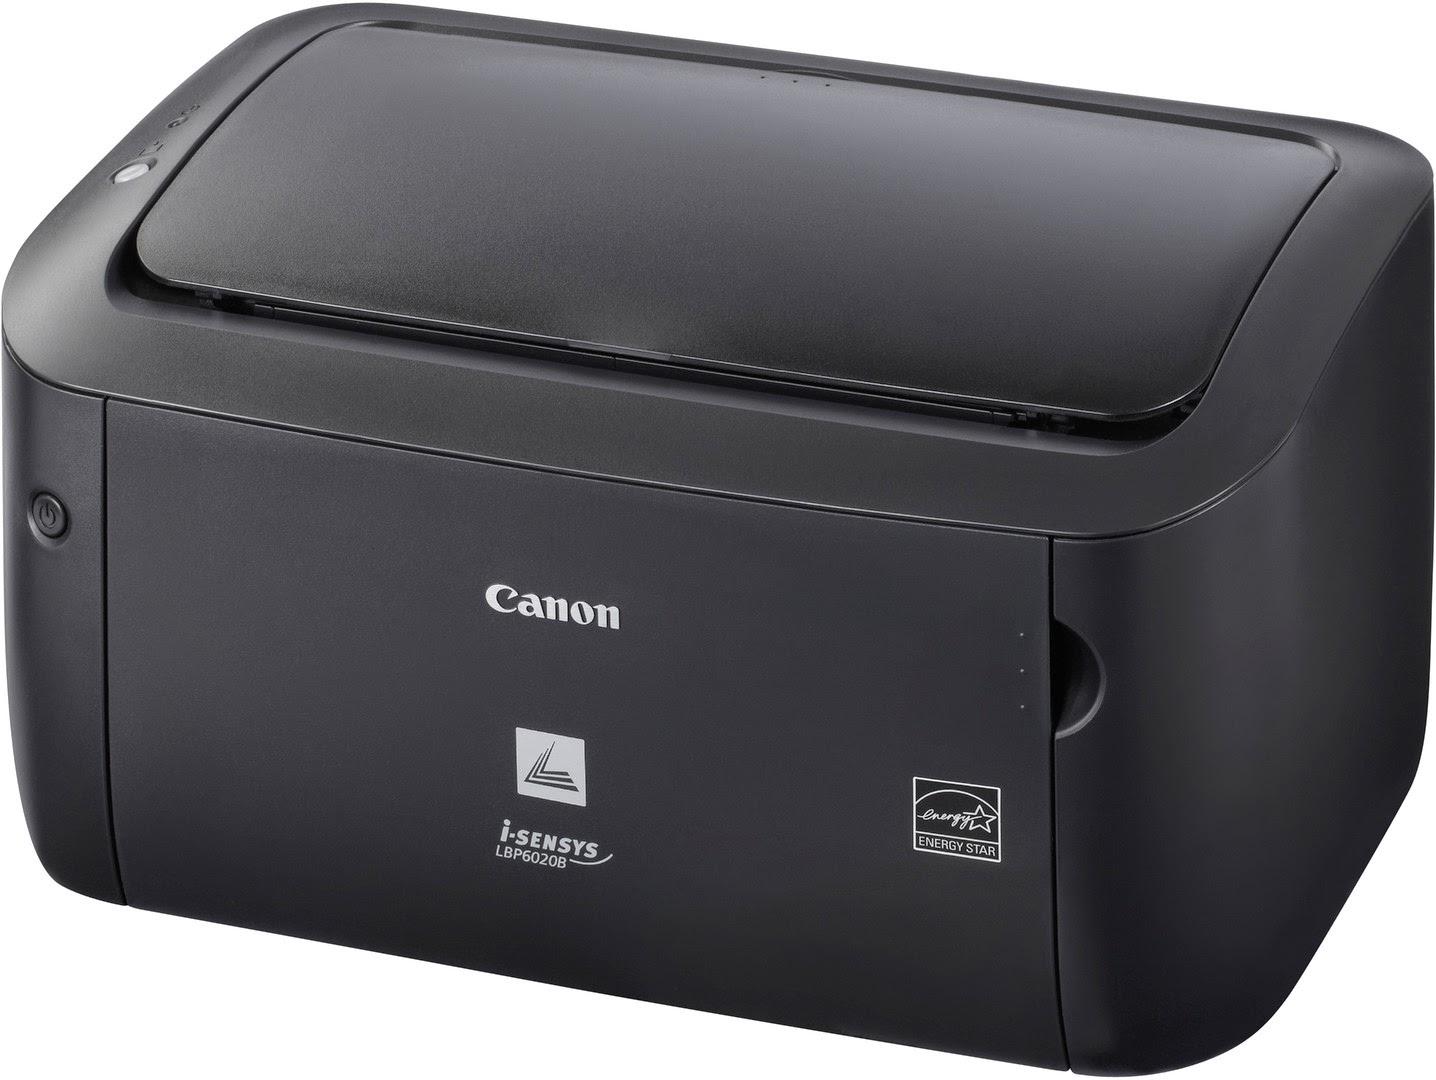 OSX Yosemite driver for Canon LBP3000